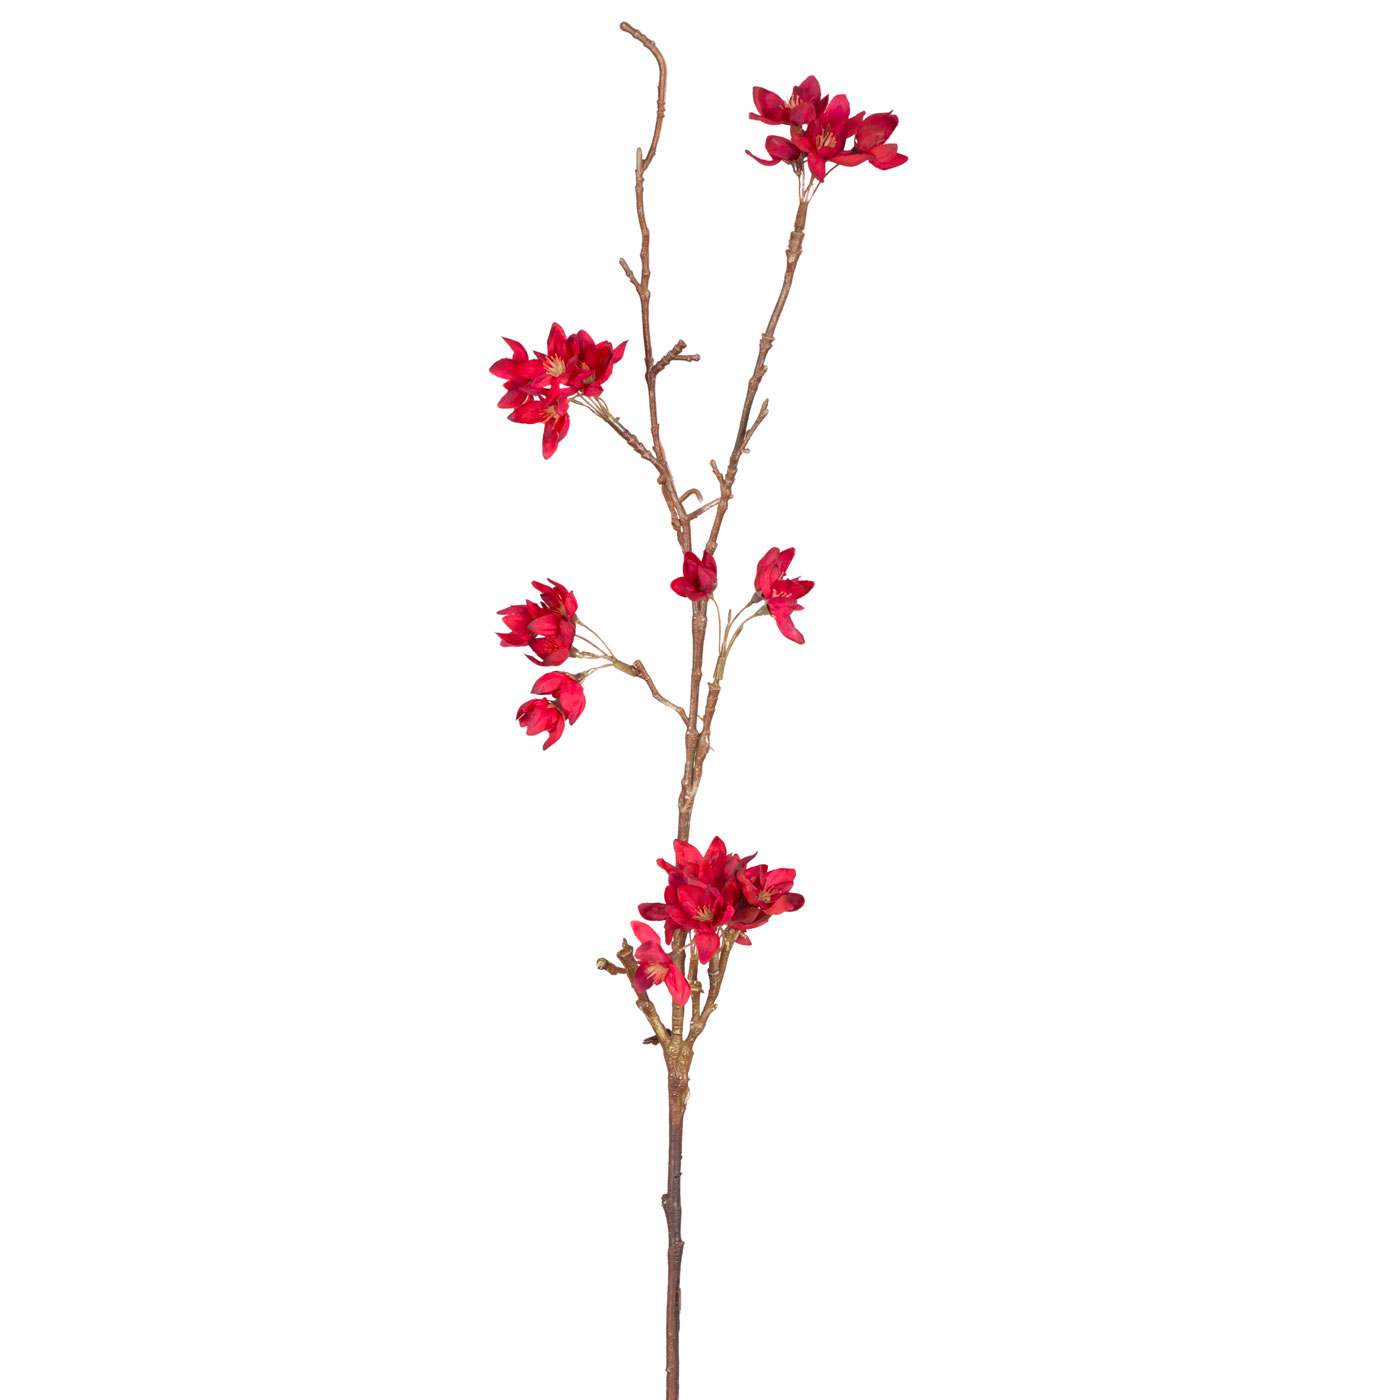 Купить Искусственные растения Home Philosophy, Искусственный цветок Миндаль Цвет: Красный (86 см), Китай, Полимер